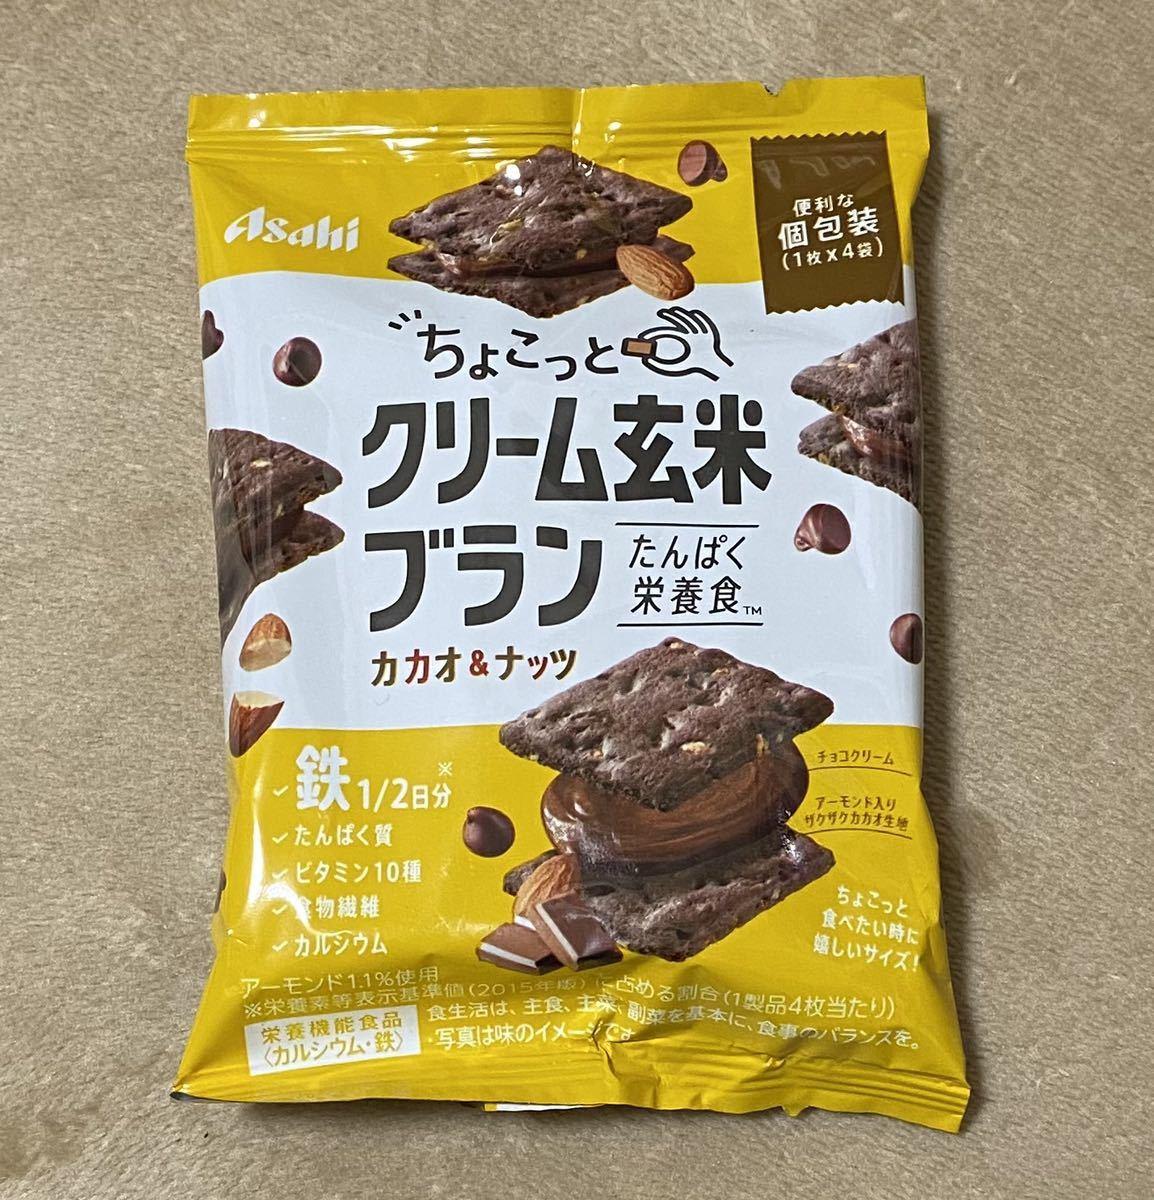 クリーム玄米ブラン カカオ&ナッツ 5袋 お菓子詰め合わせ _画像2